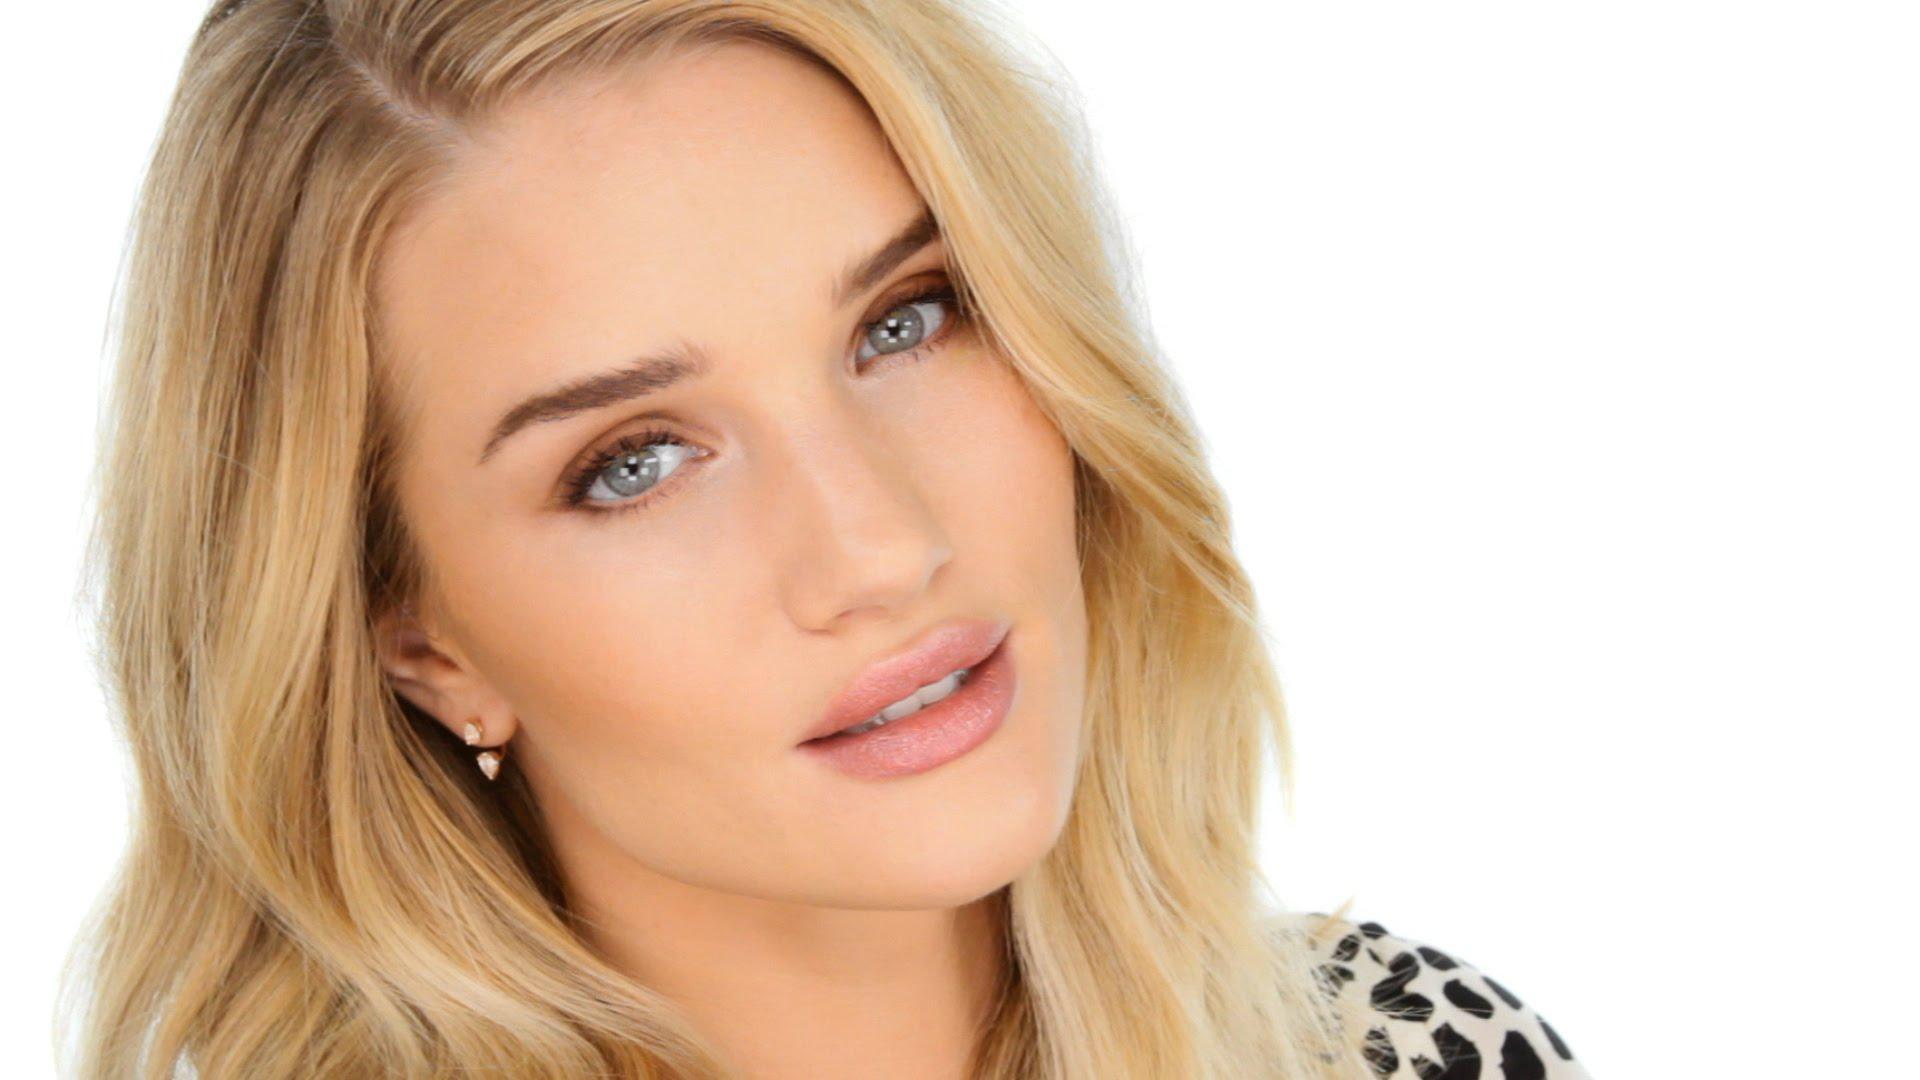 Modelka okouzlila módní svět svou dokonalou tváří, zdroj: Profimedia